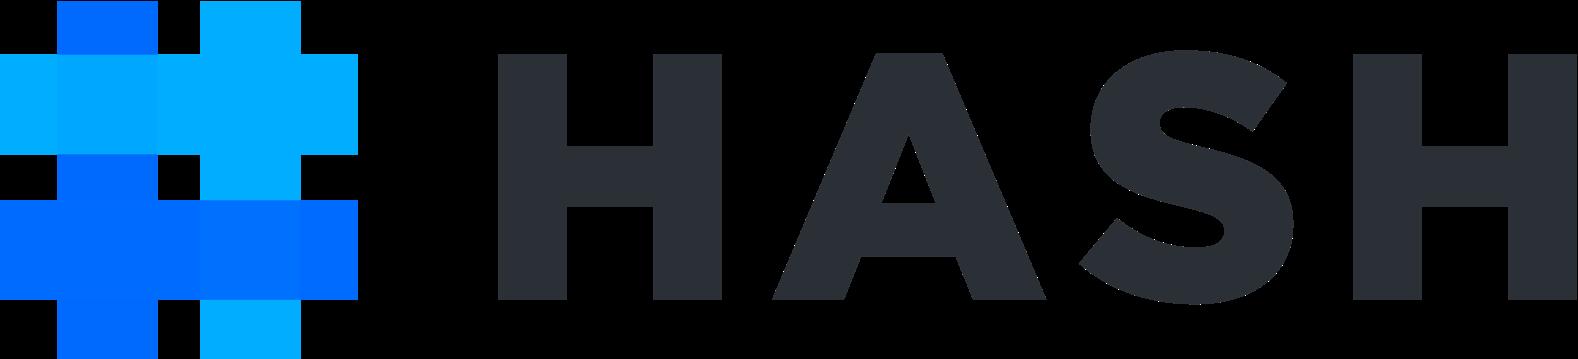 HASH/SOHO logo